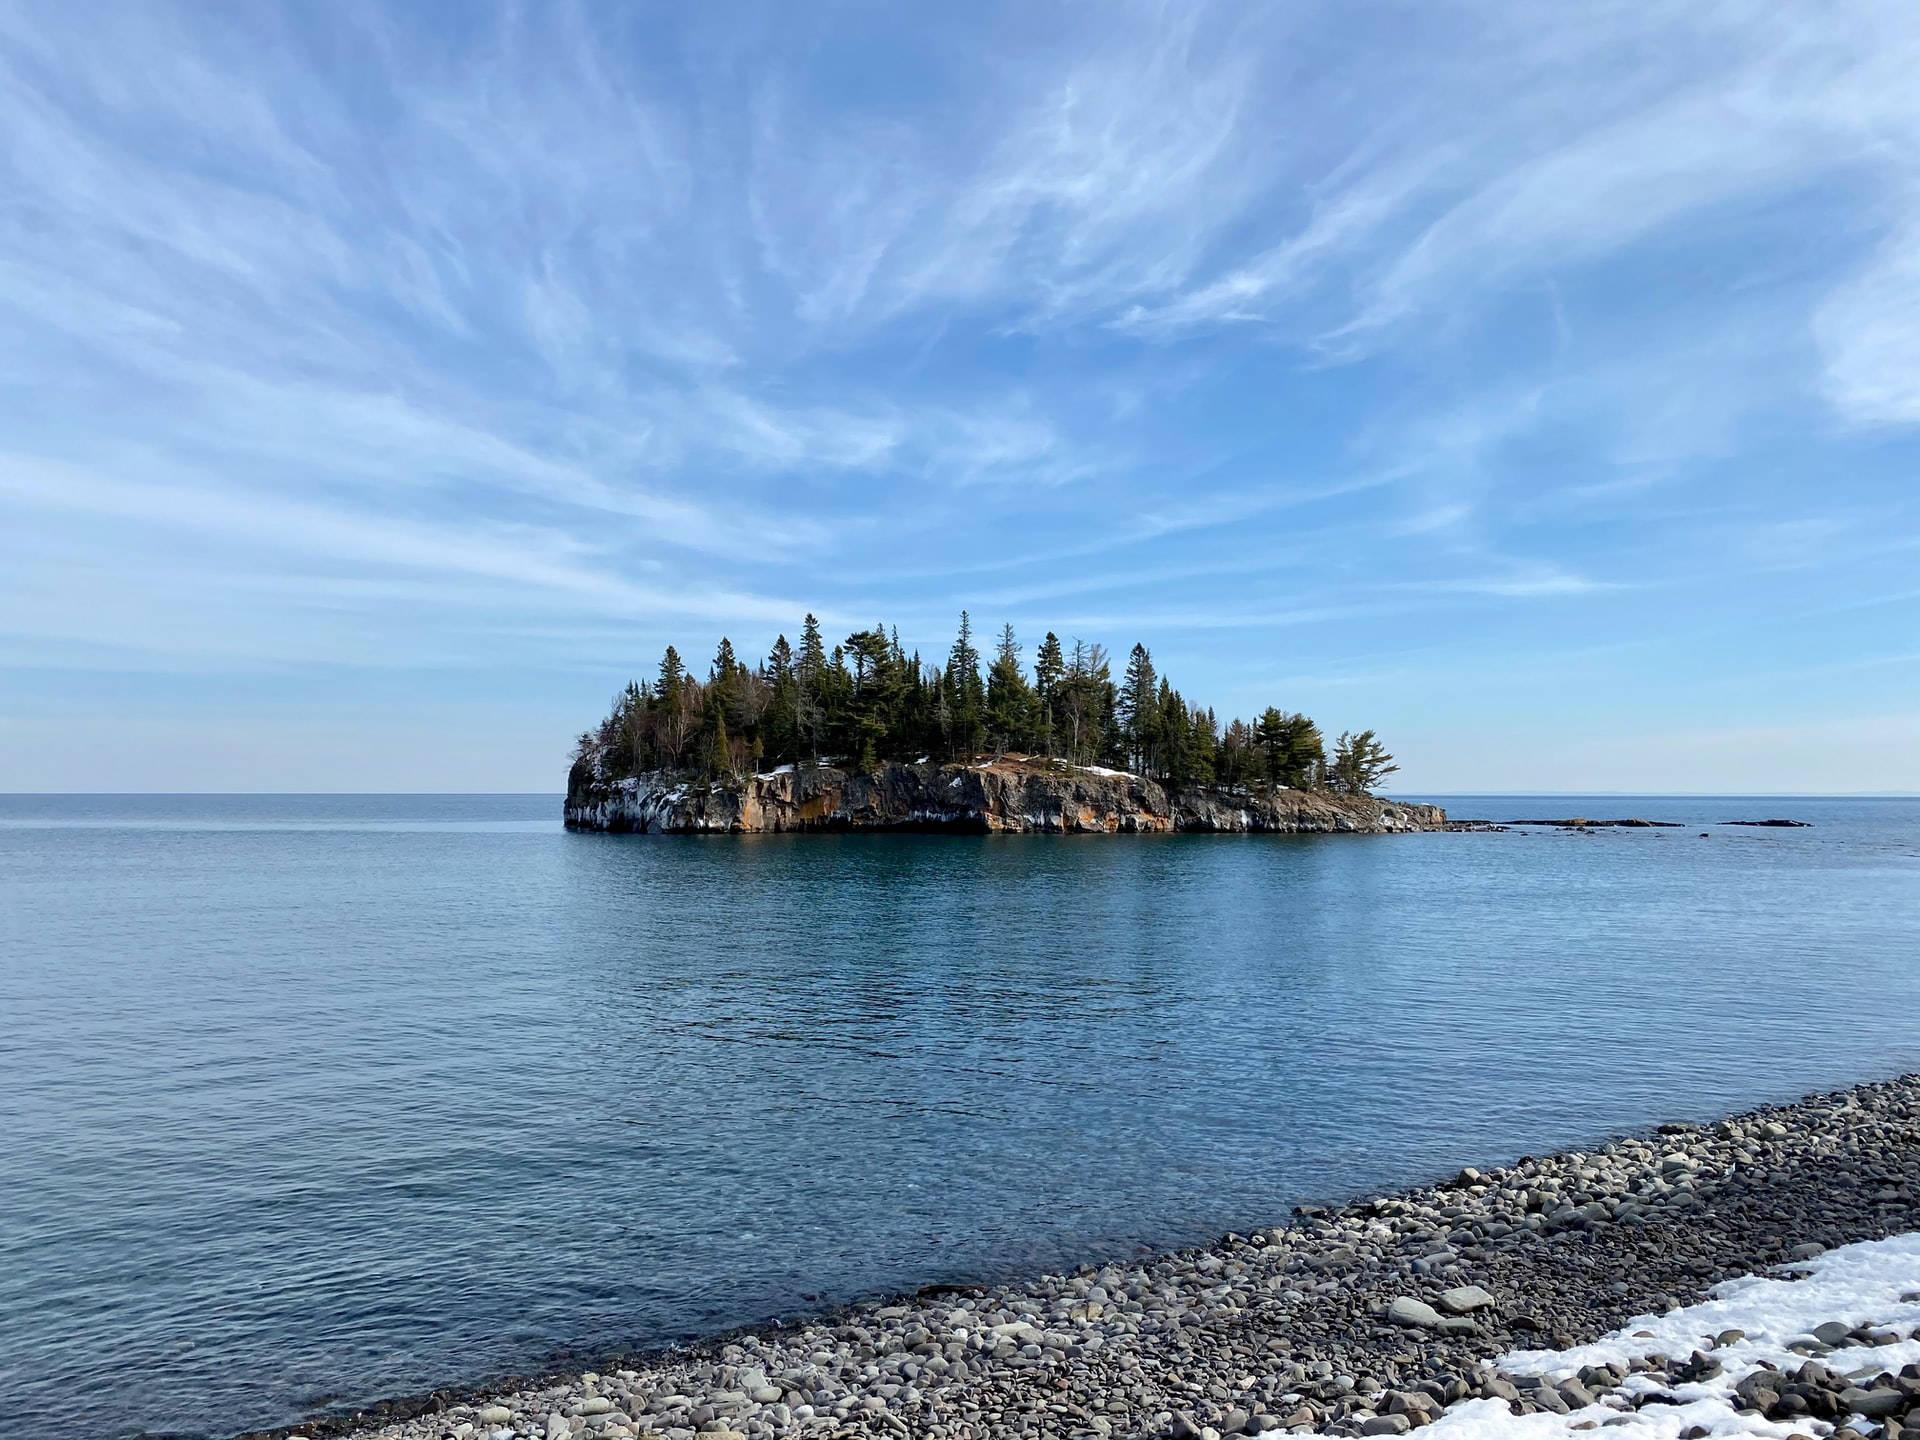 lago superior, de los grandes lagos de norteamerica